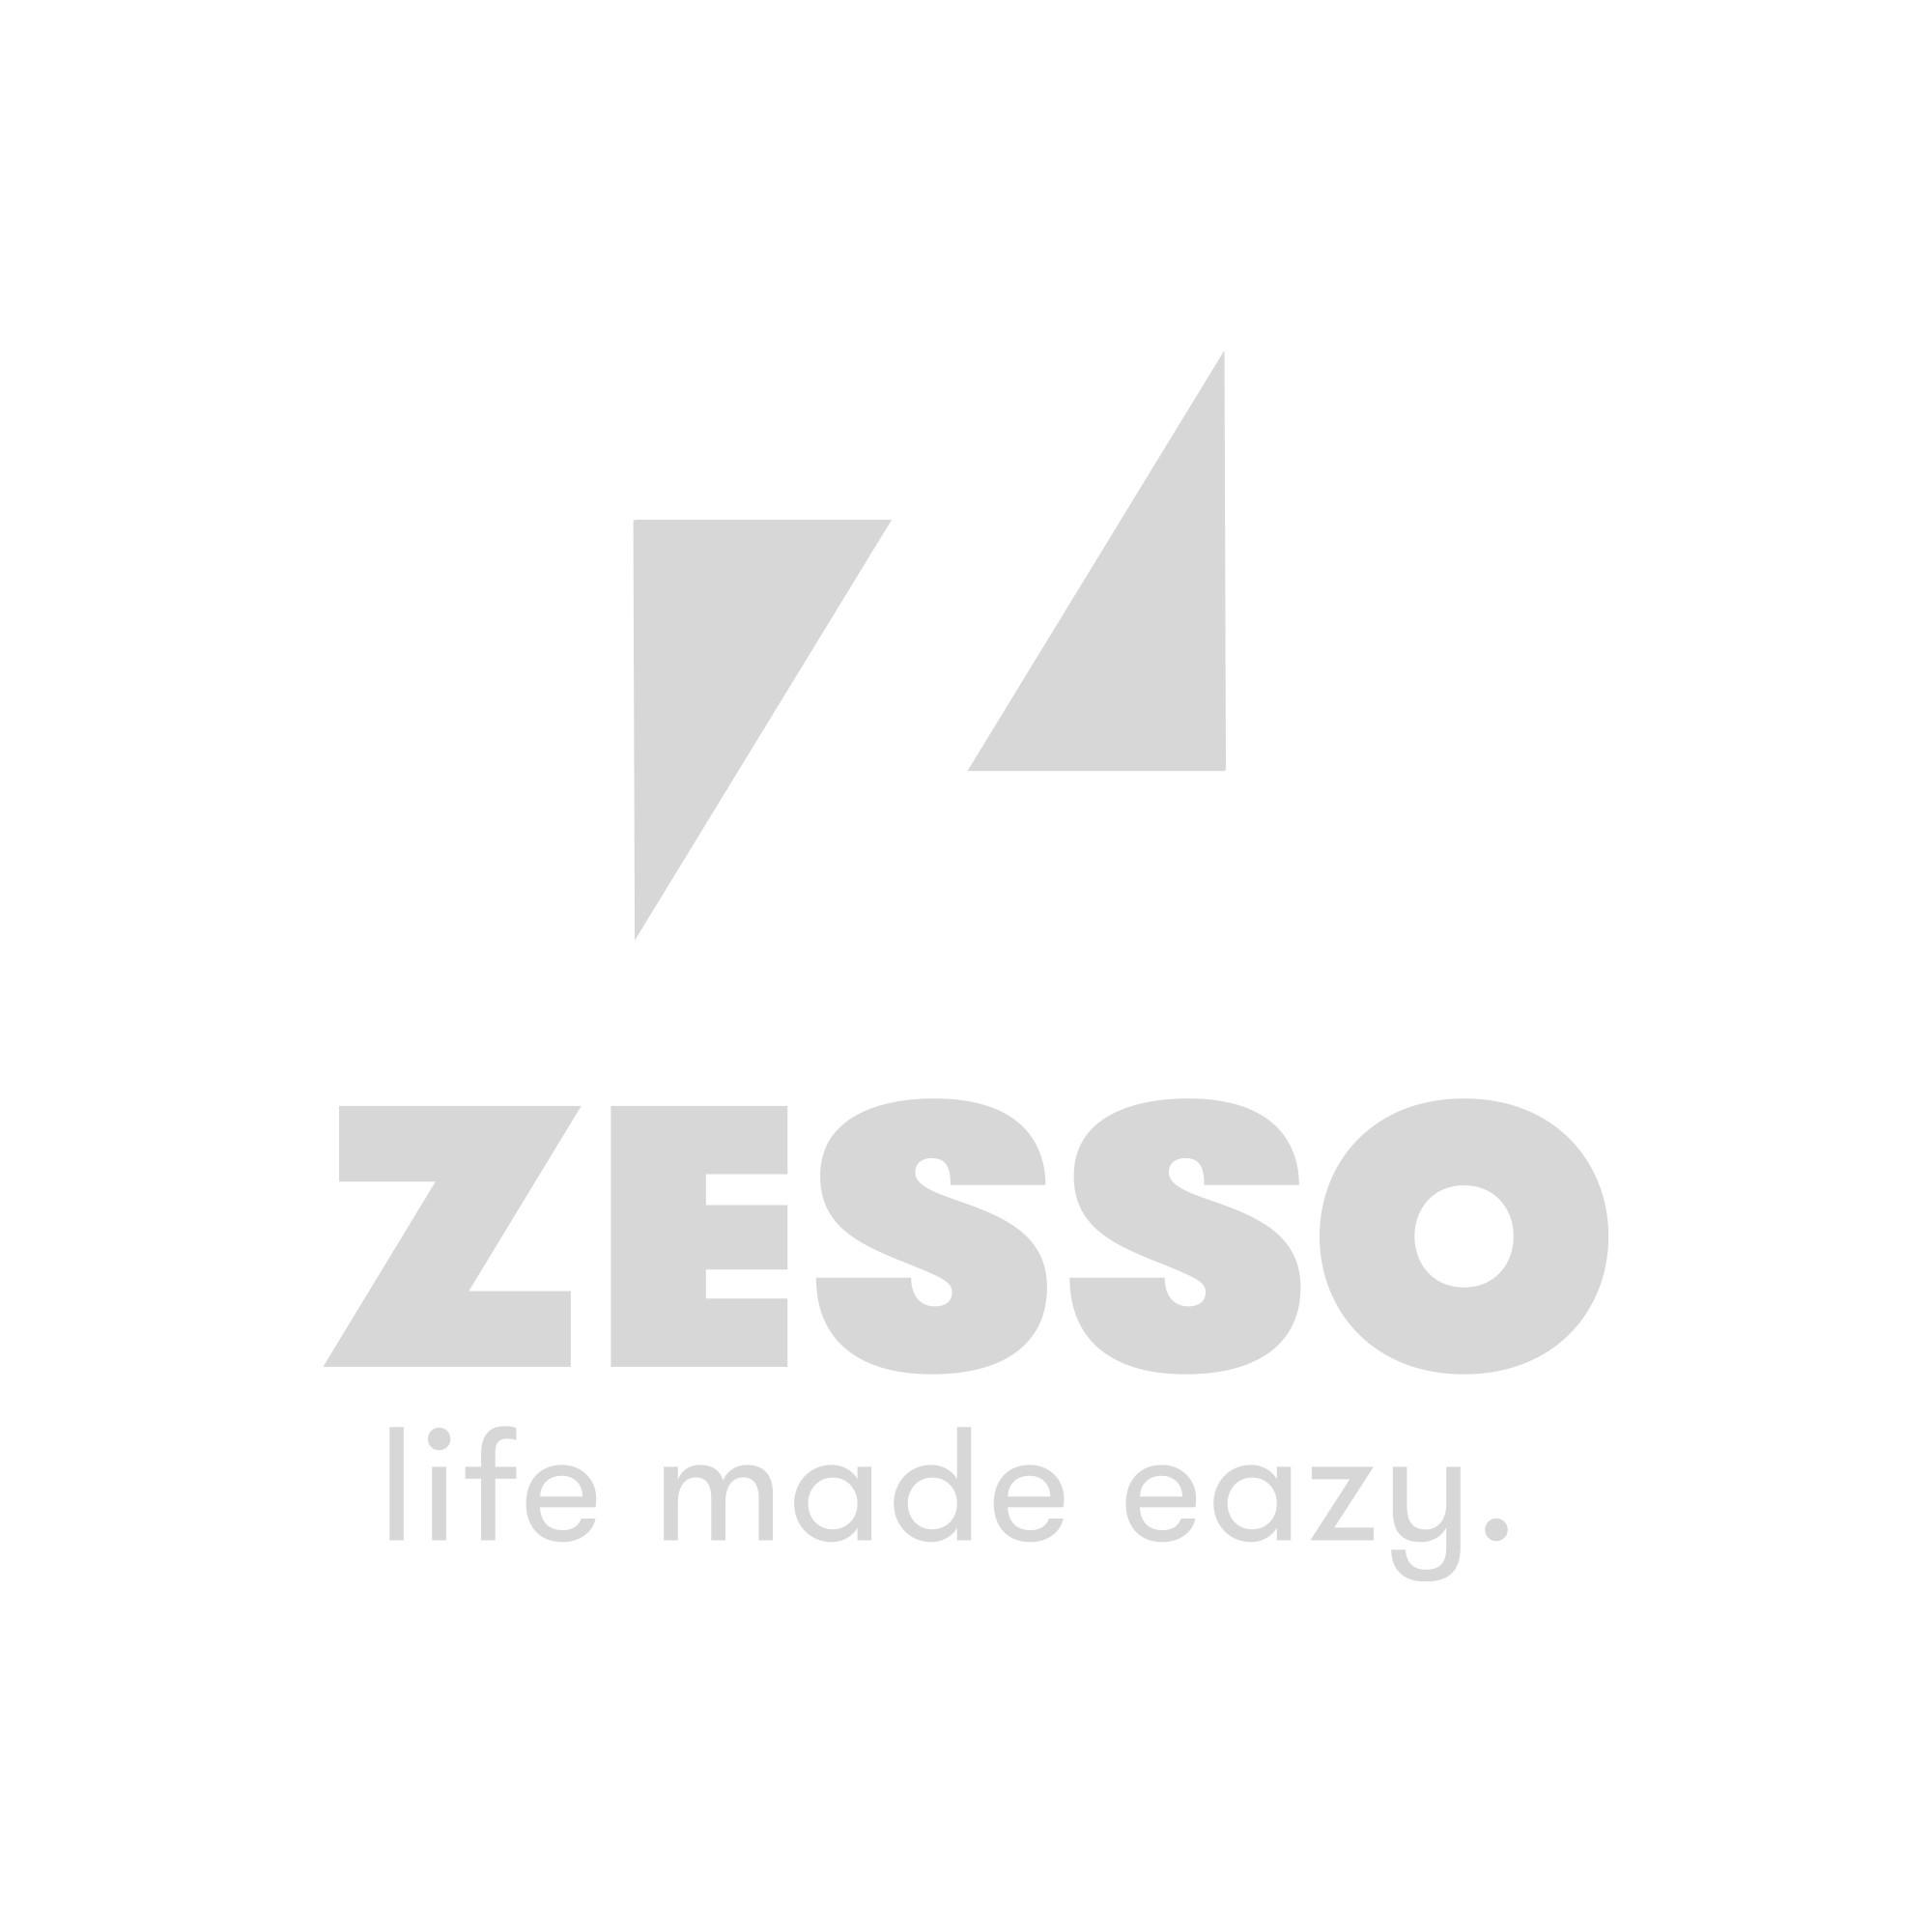 Affenzahn Chaussures Bébé Koala - 16/17 Small